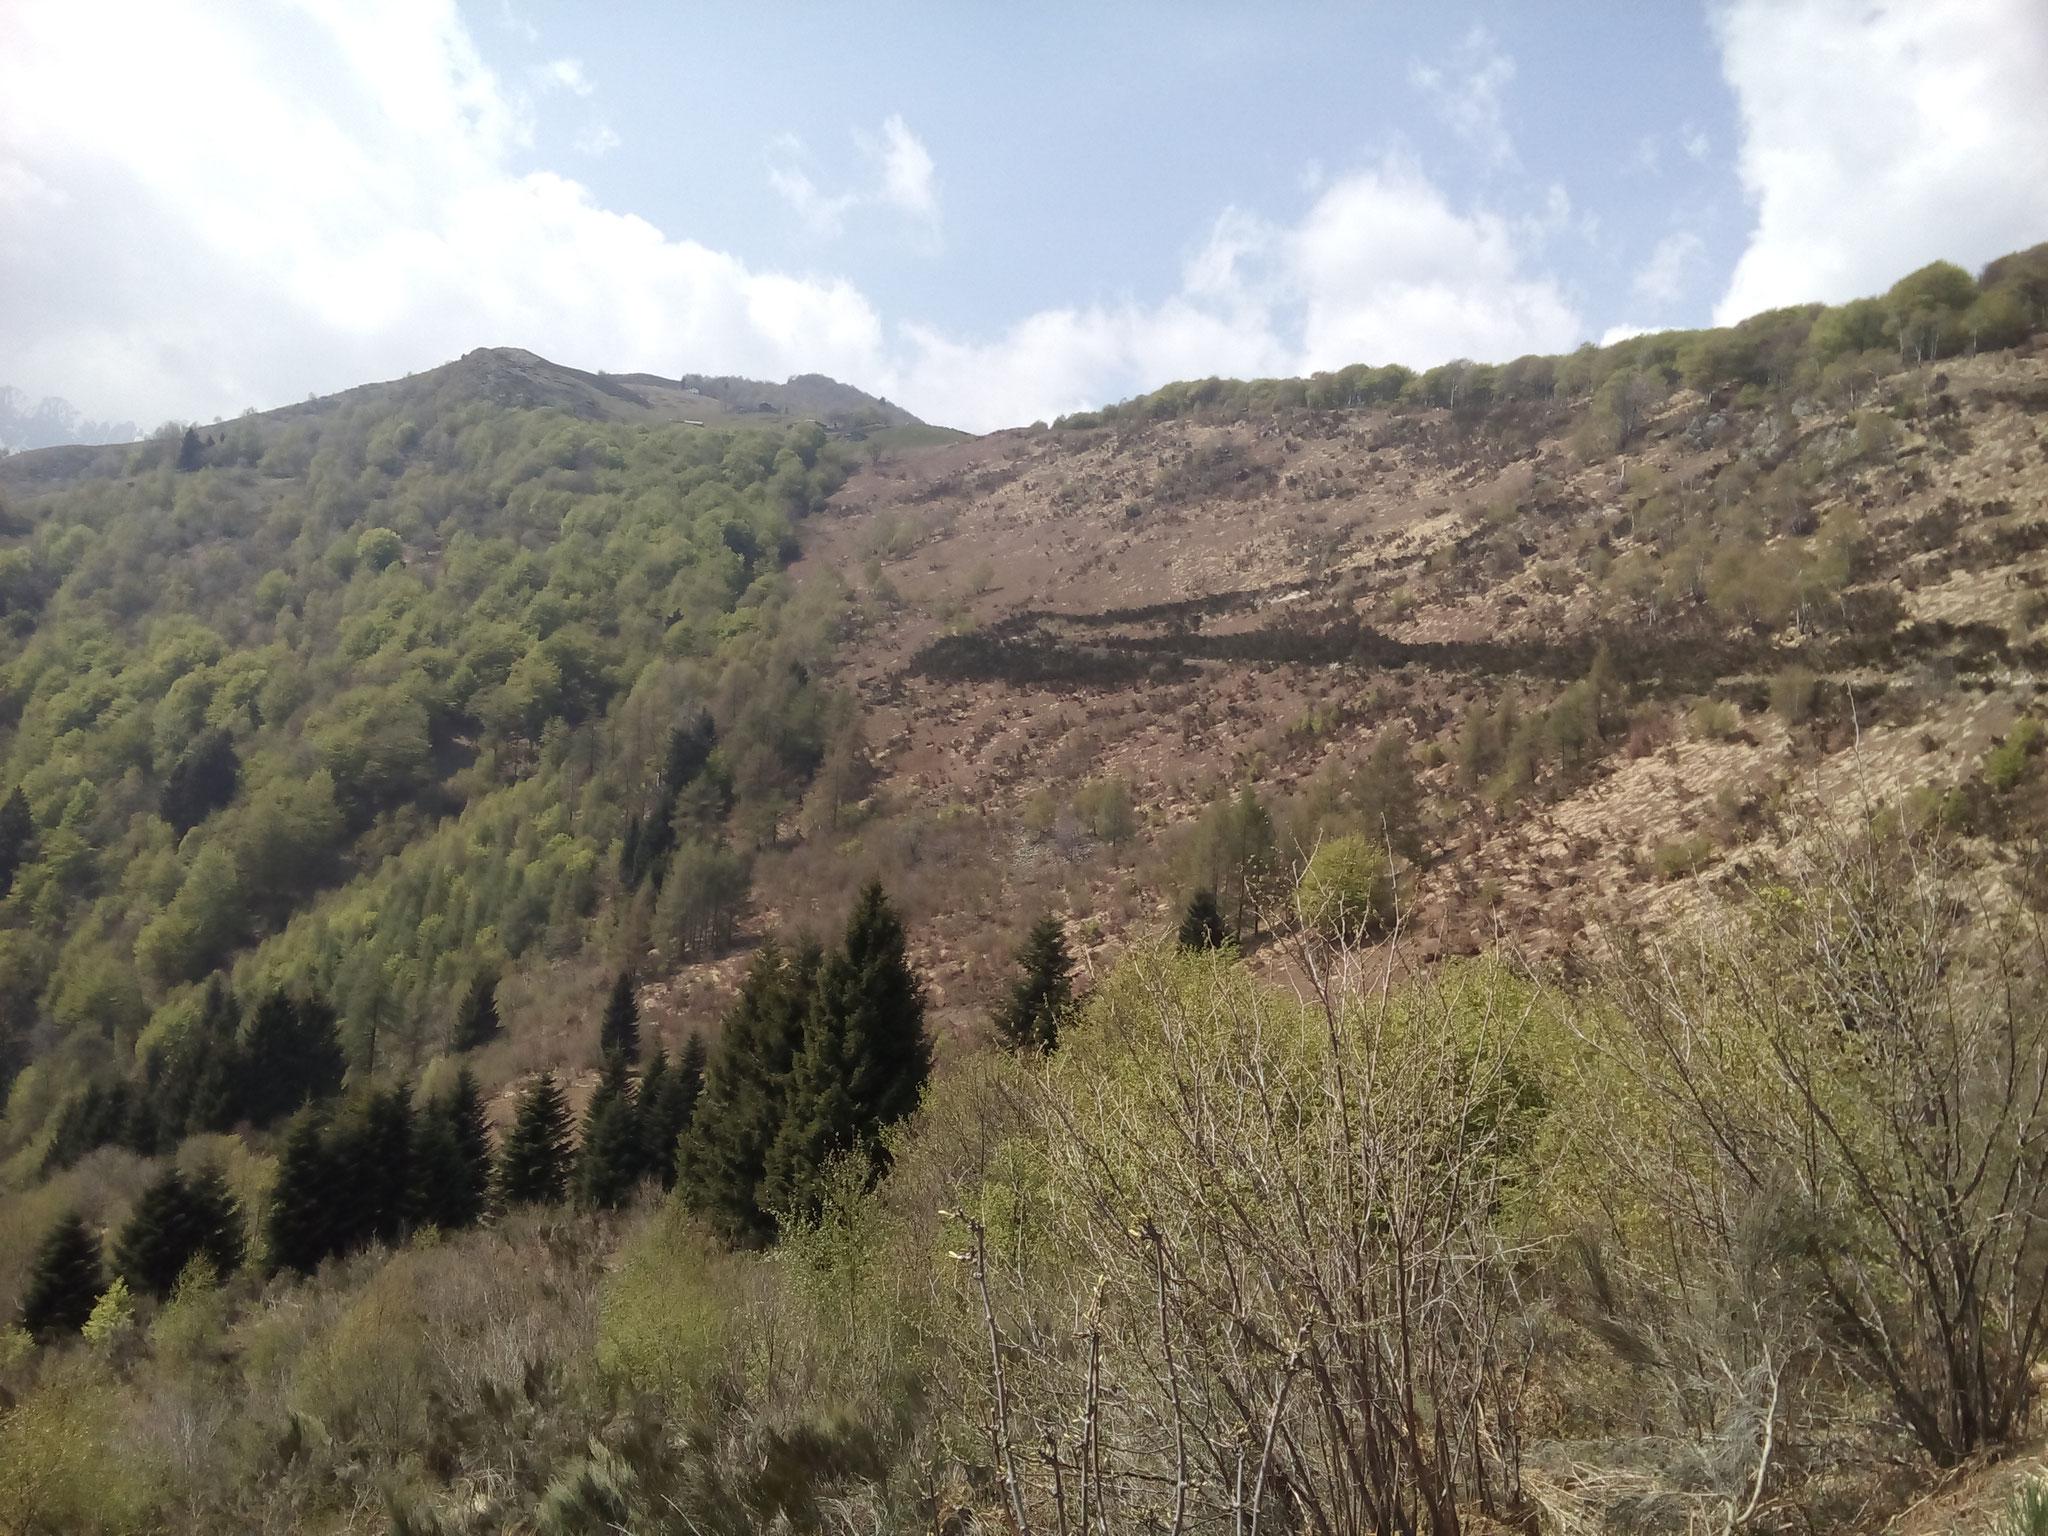 Alpe di Naccio / Corona di Pinz TI 25.4.2018